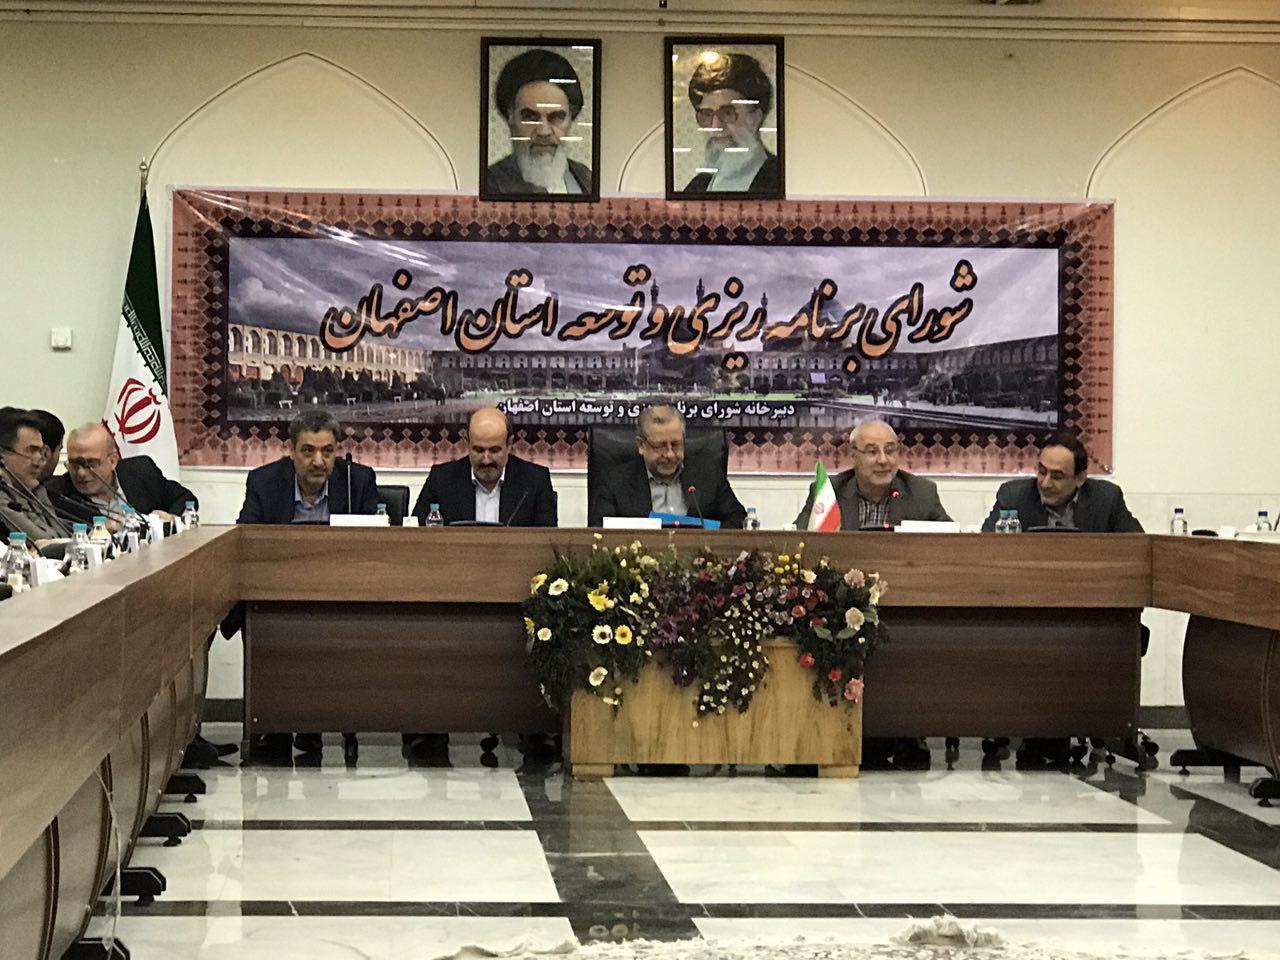 تصويب تشكيل كميته ساماندهي آمار ثبتي استان اصفهان